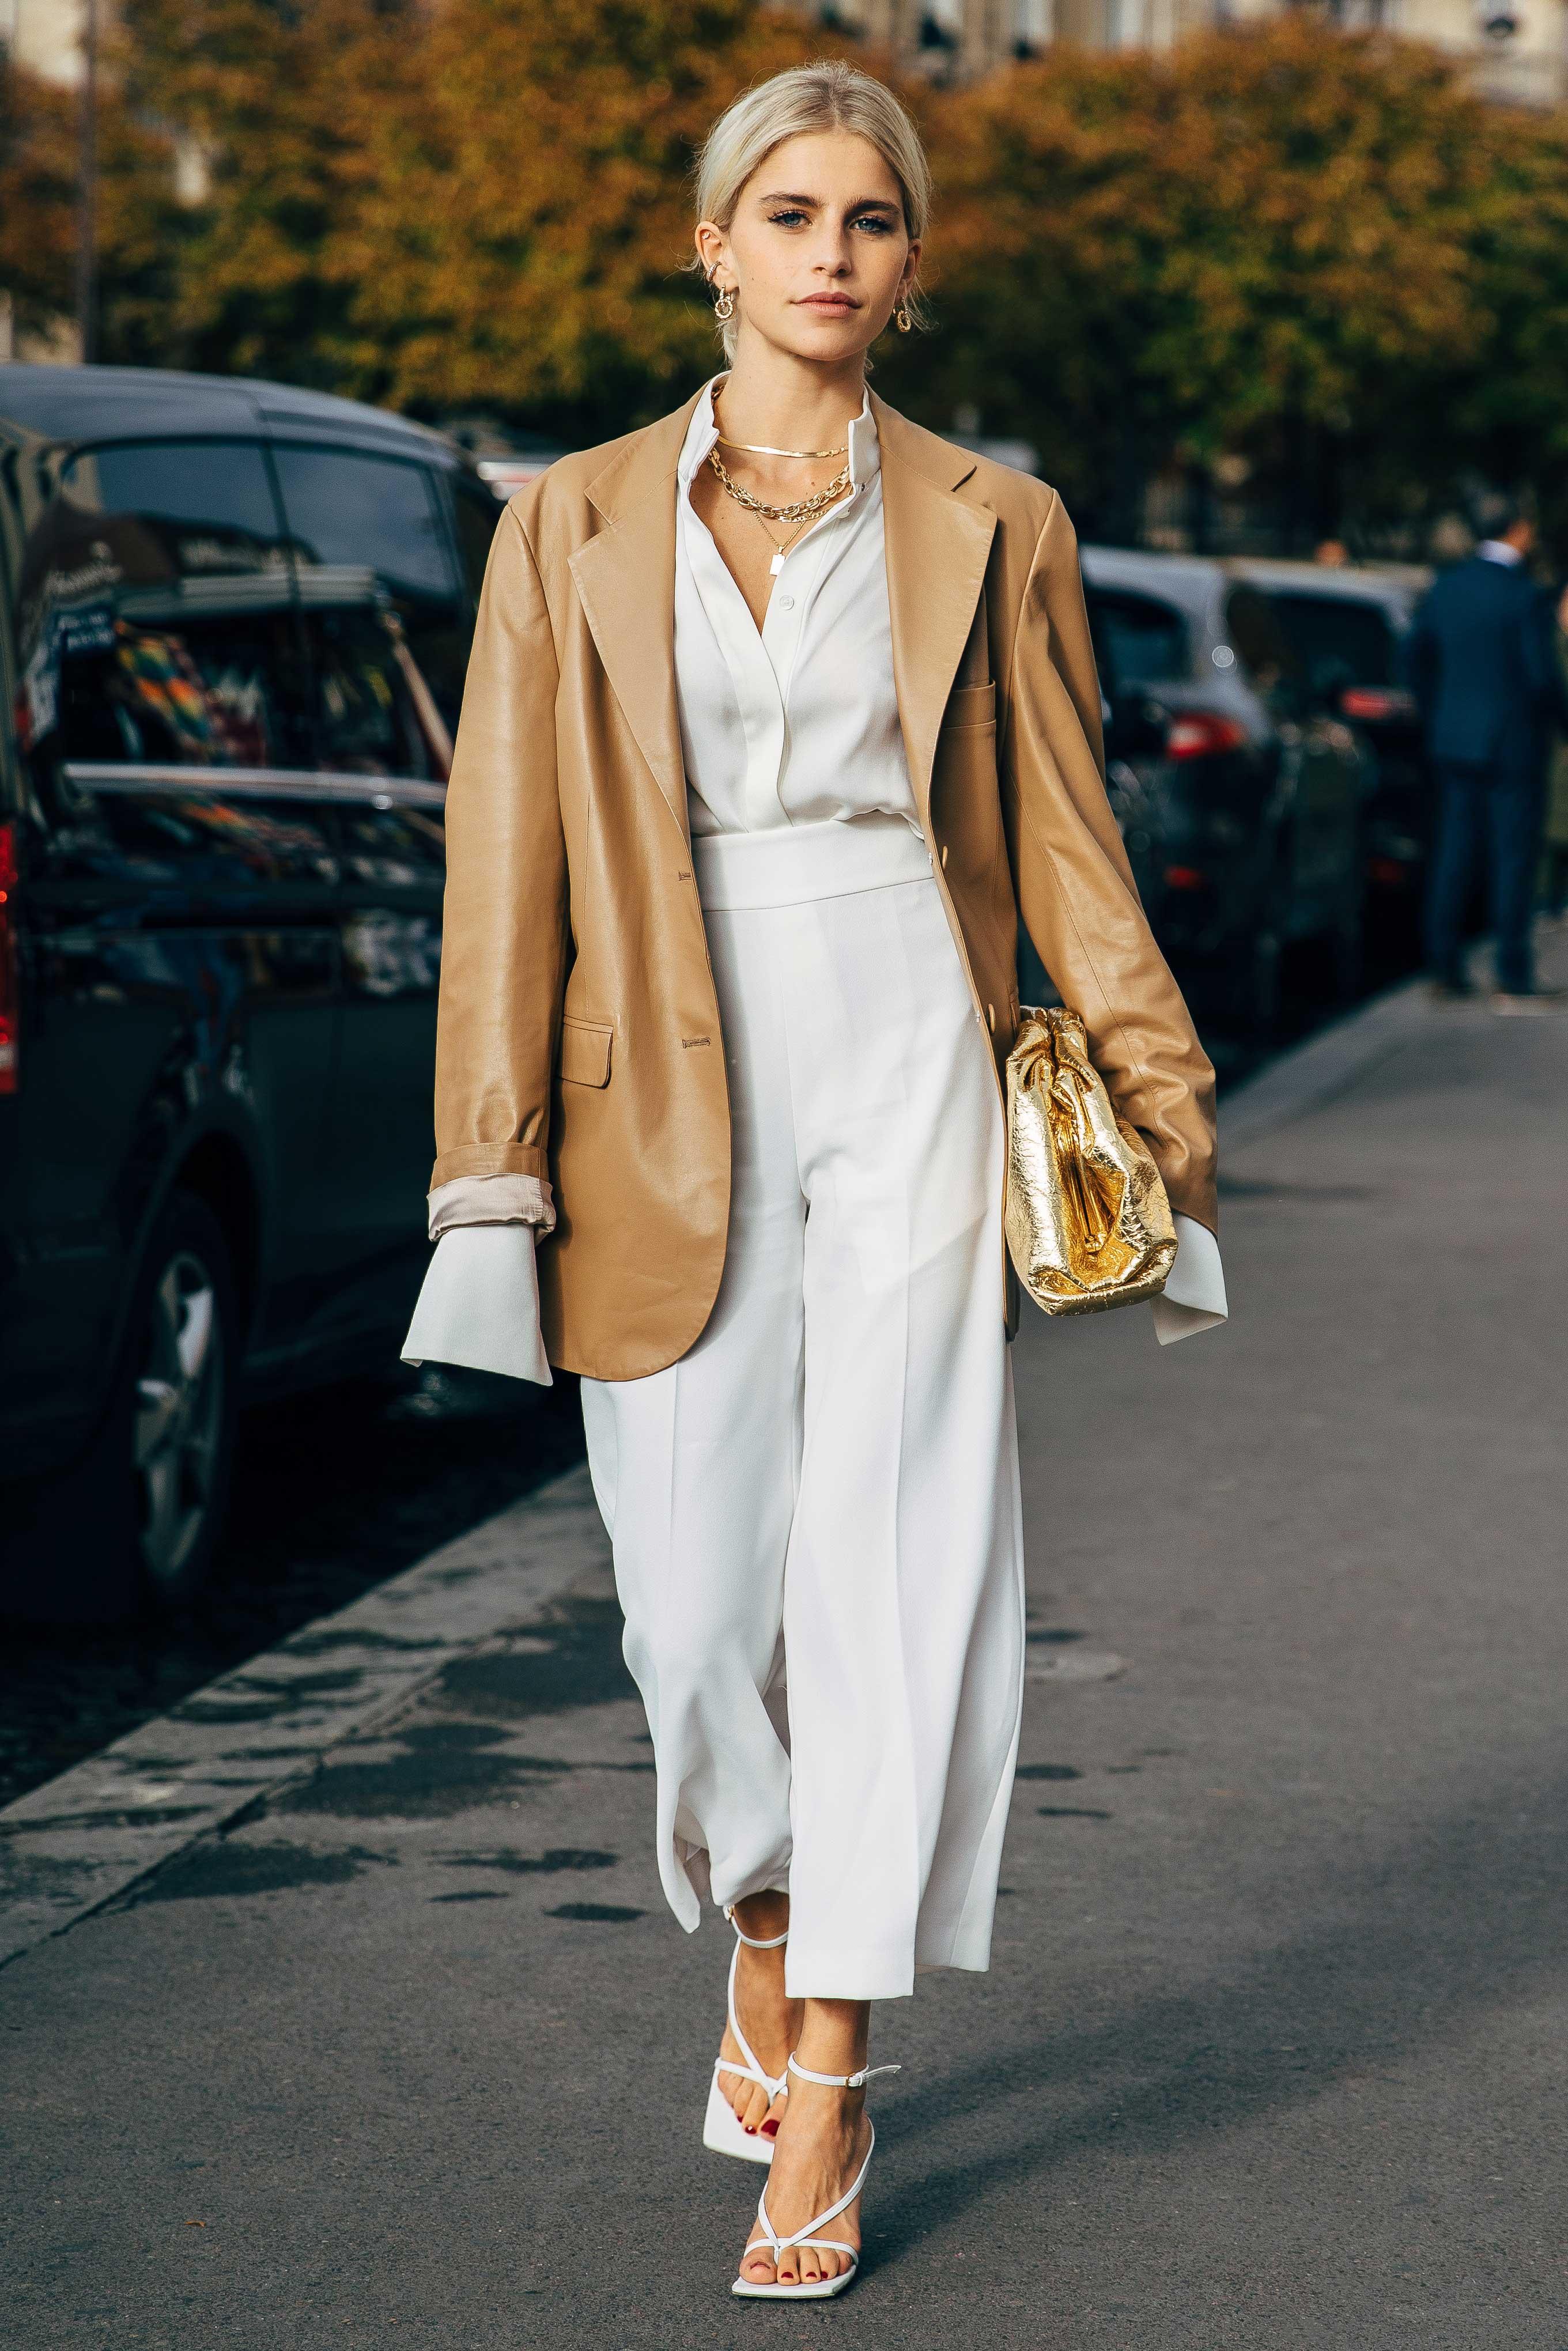 Mặc đẹp với áo mỏng và blazer trong mùa Hè